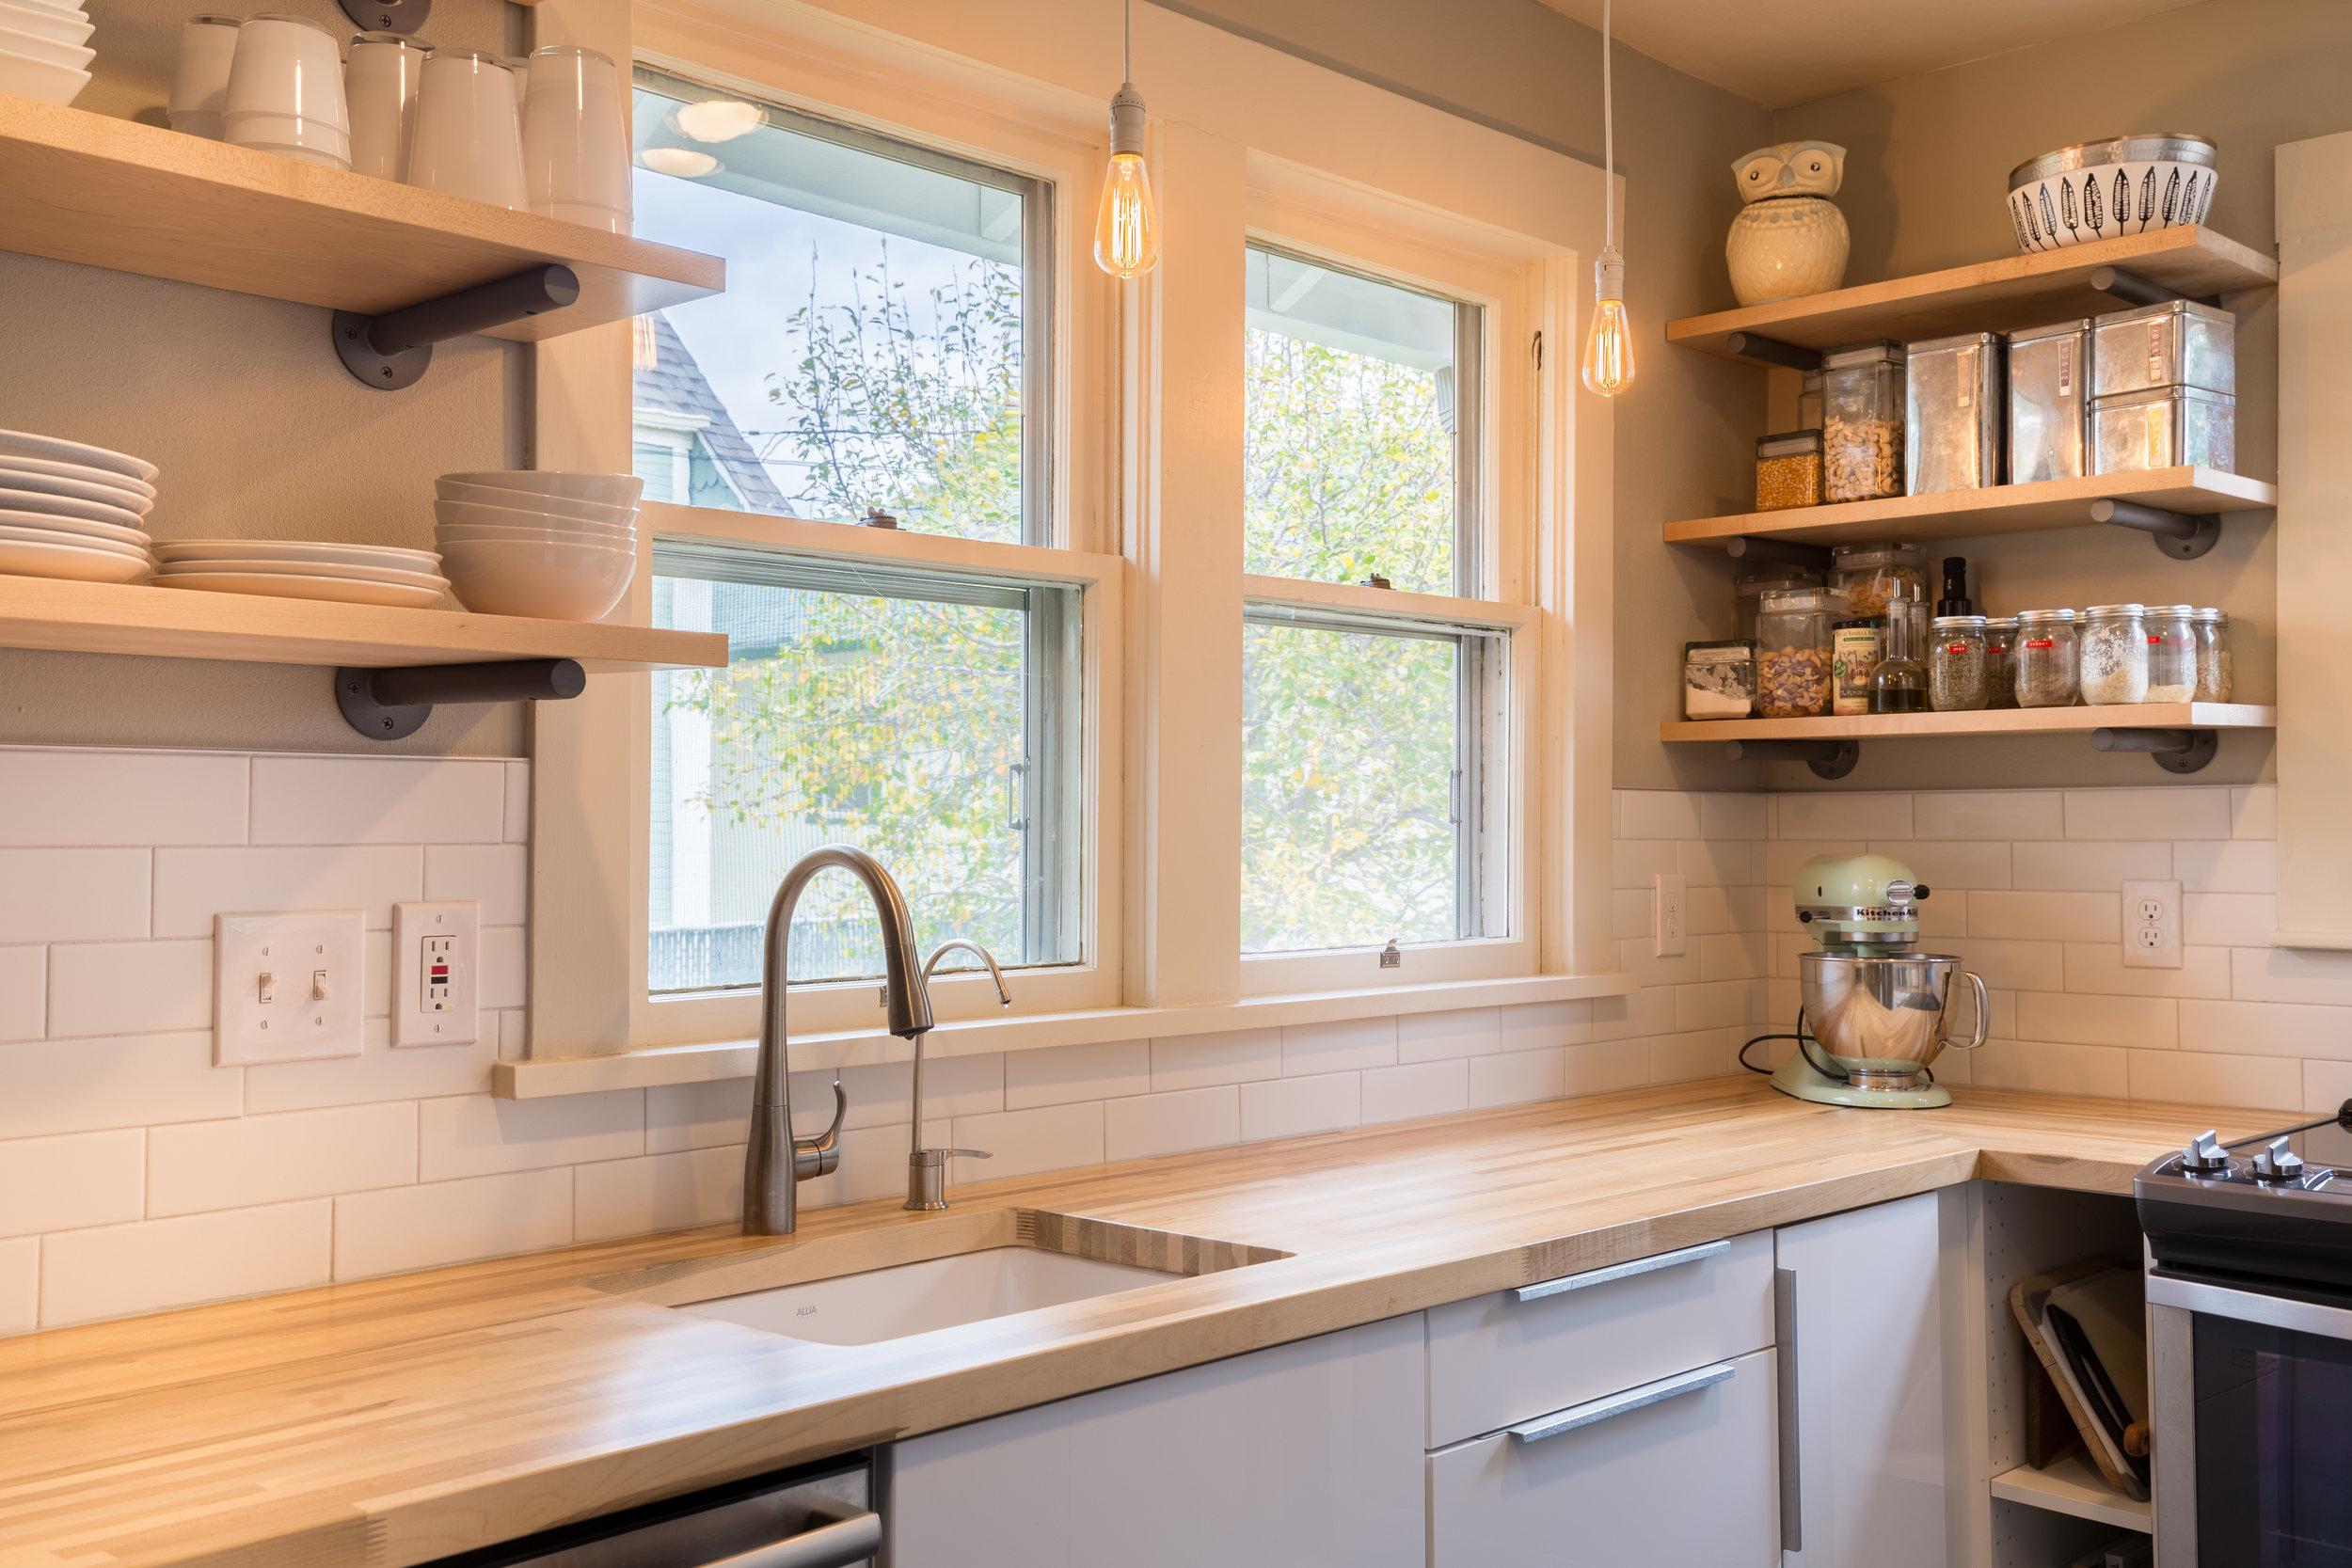 CedarSt Kitchen 03.jpg